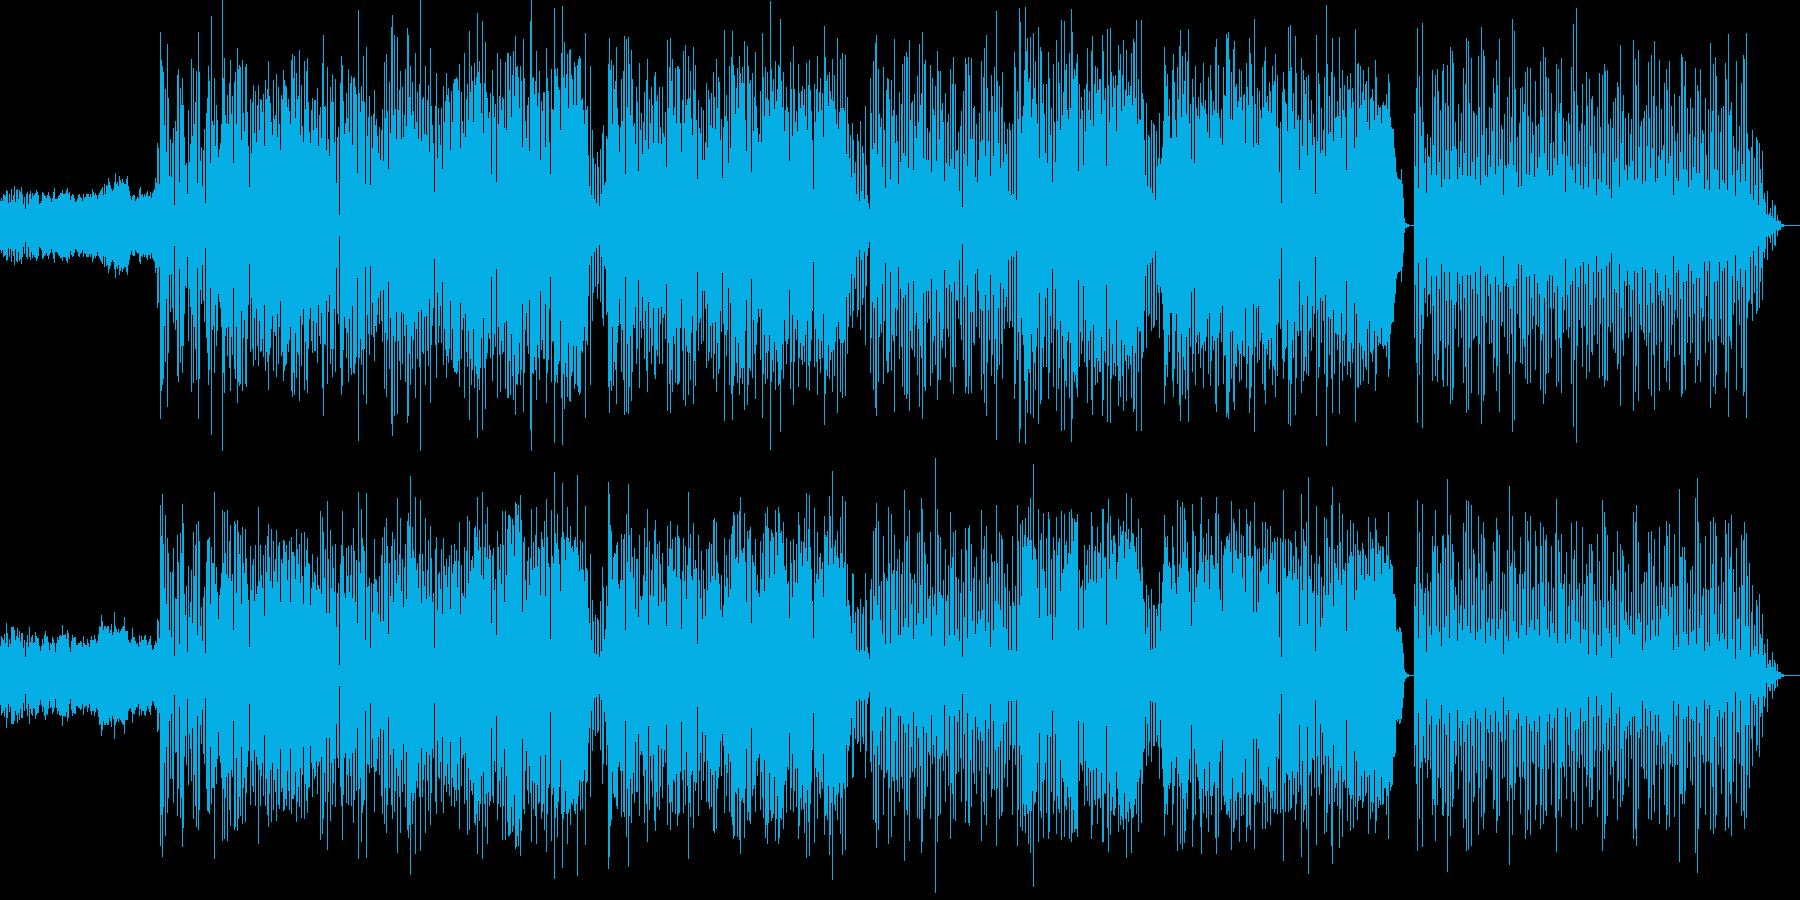 ほのぼのした雰囲気の女性ボーカルポップスの再生済みの波形